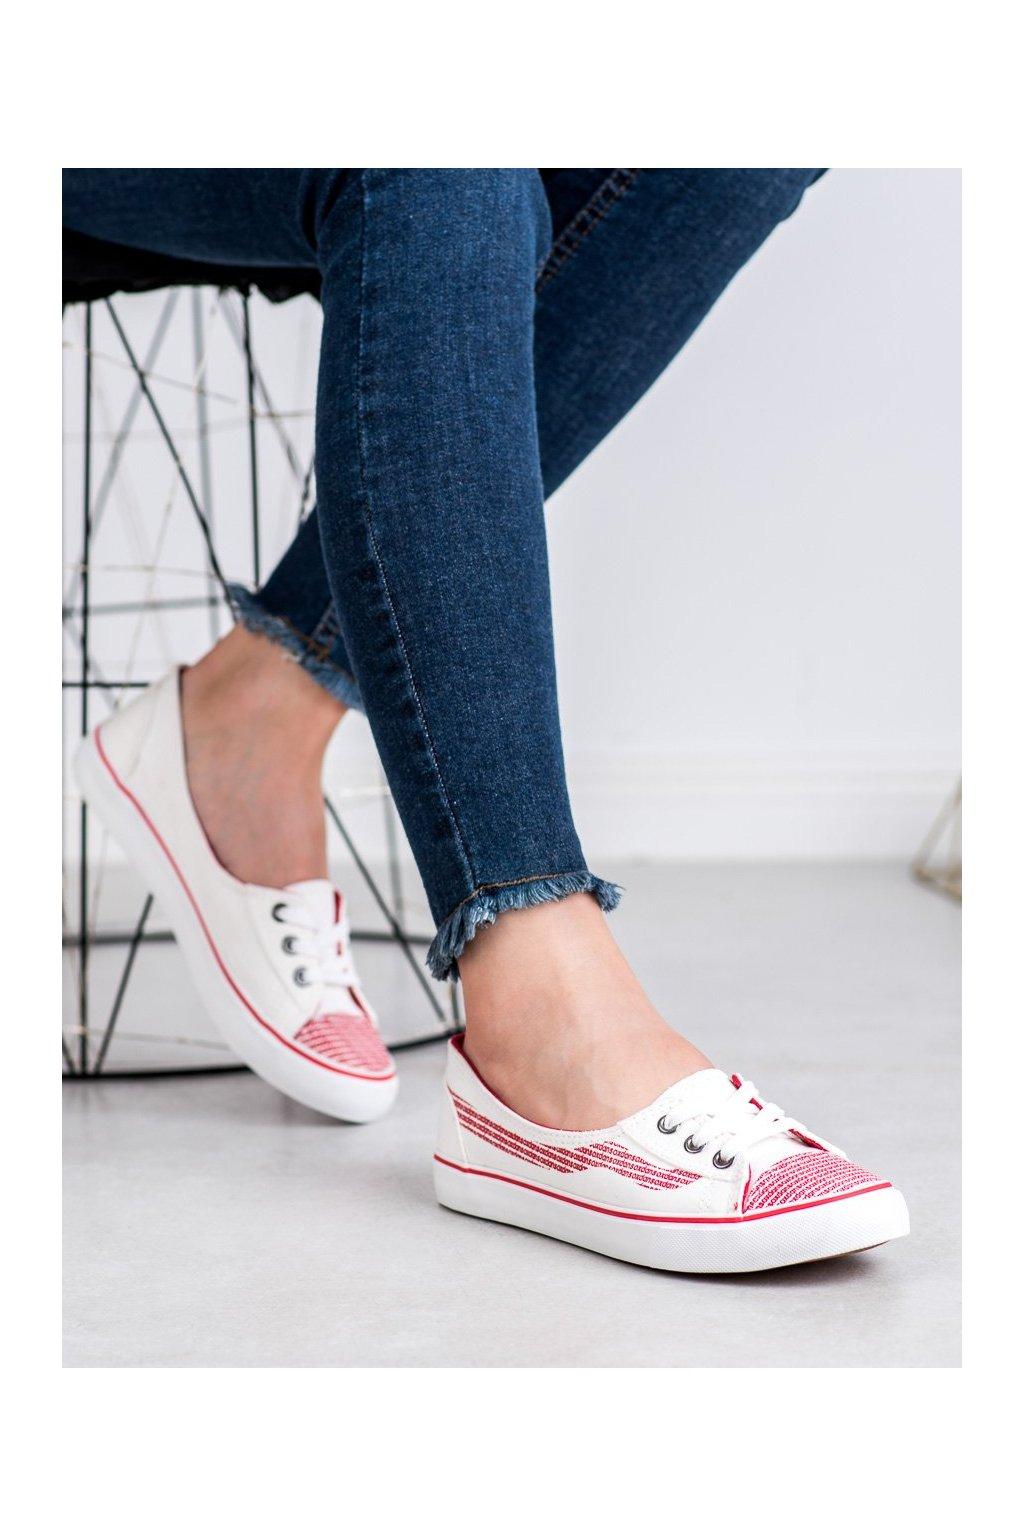 Biele topánky J. star kod S18-F-LD8A09W